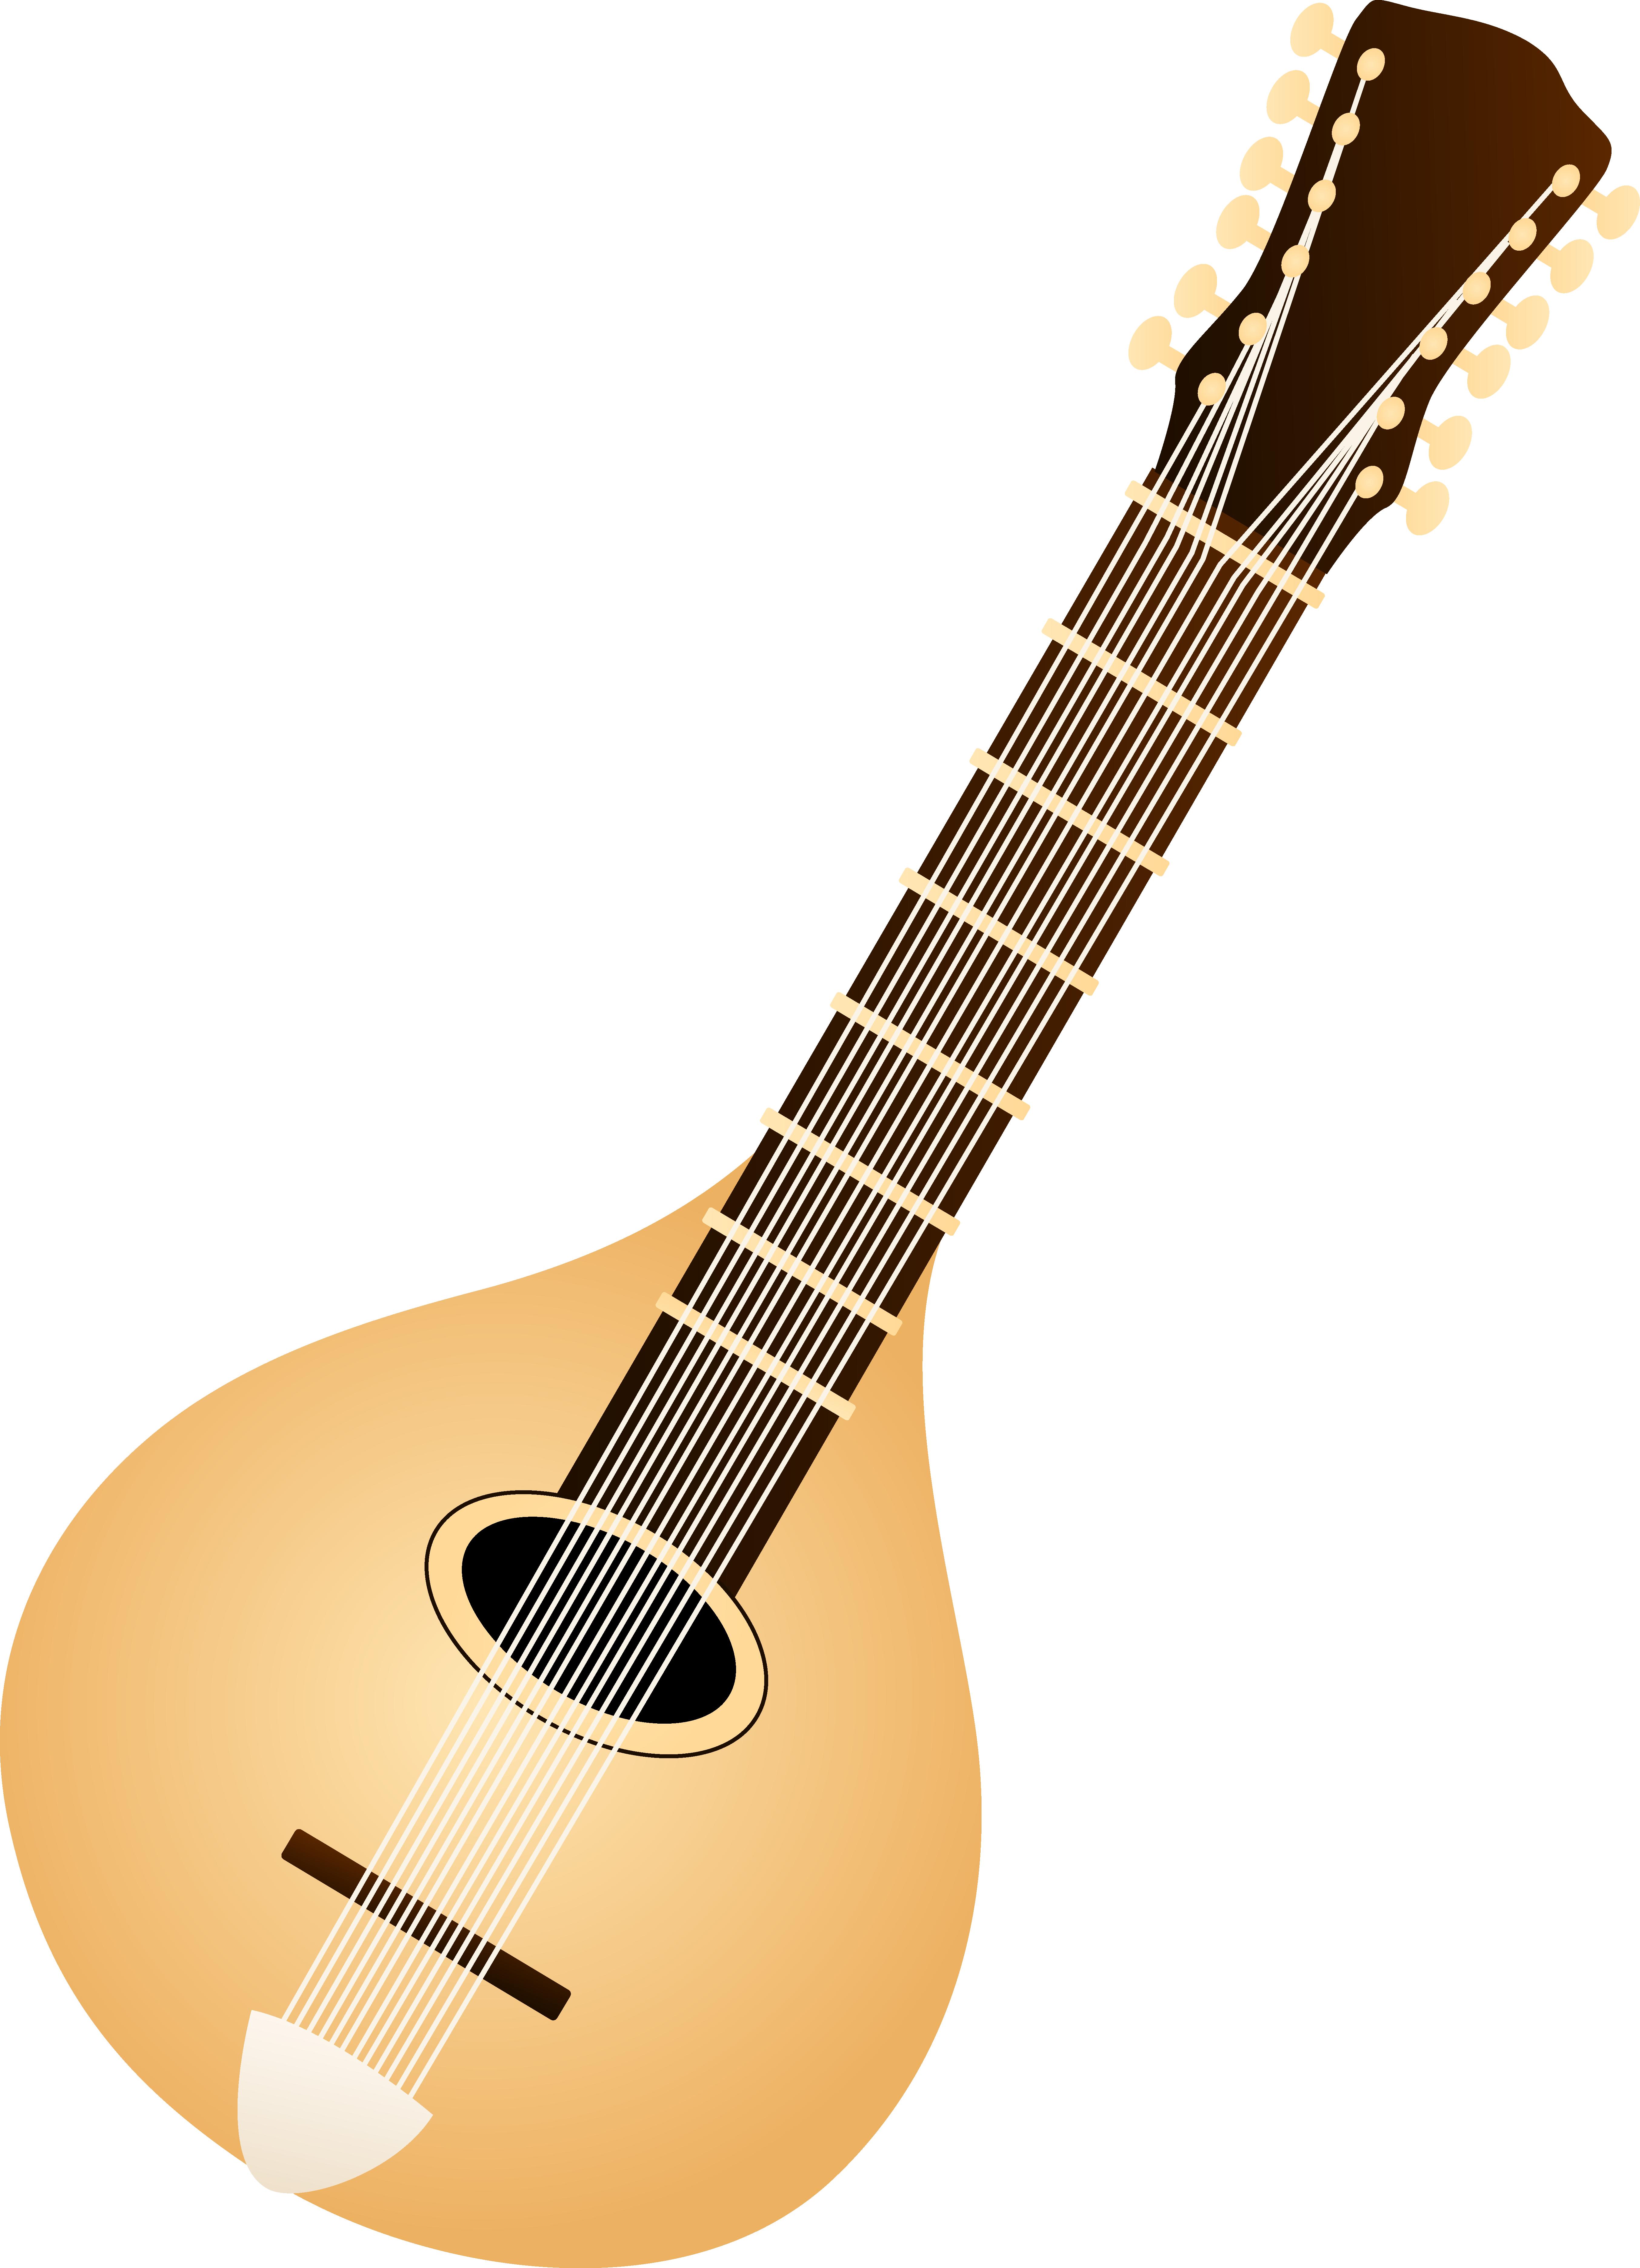 Classic Mandolin Design.